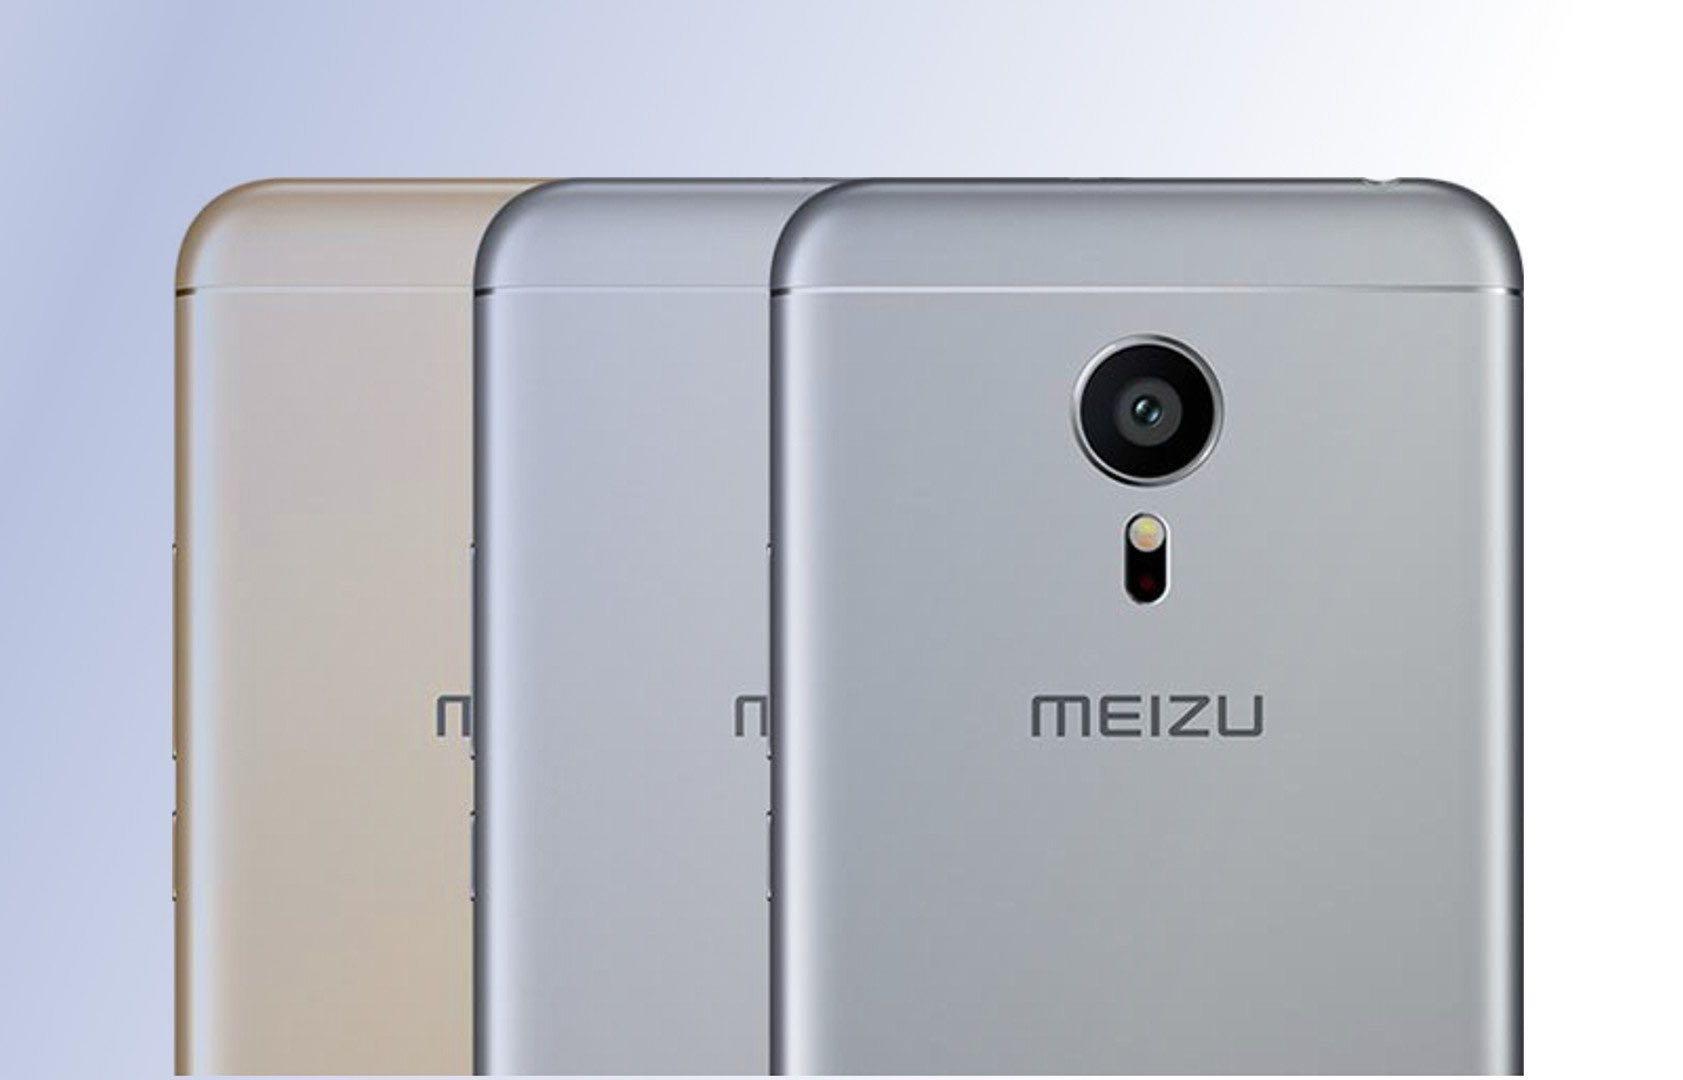 Meizu Pro 7 Buy Flyme OS 2